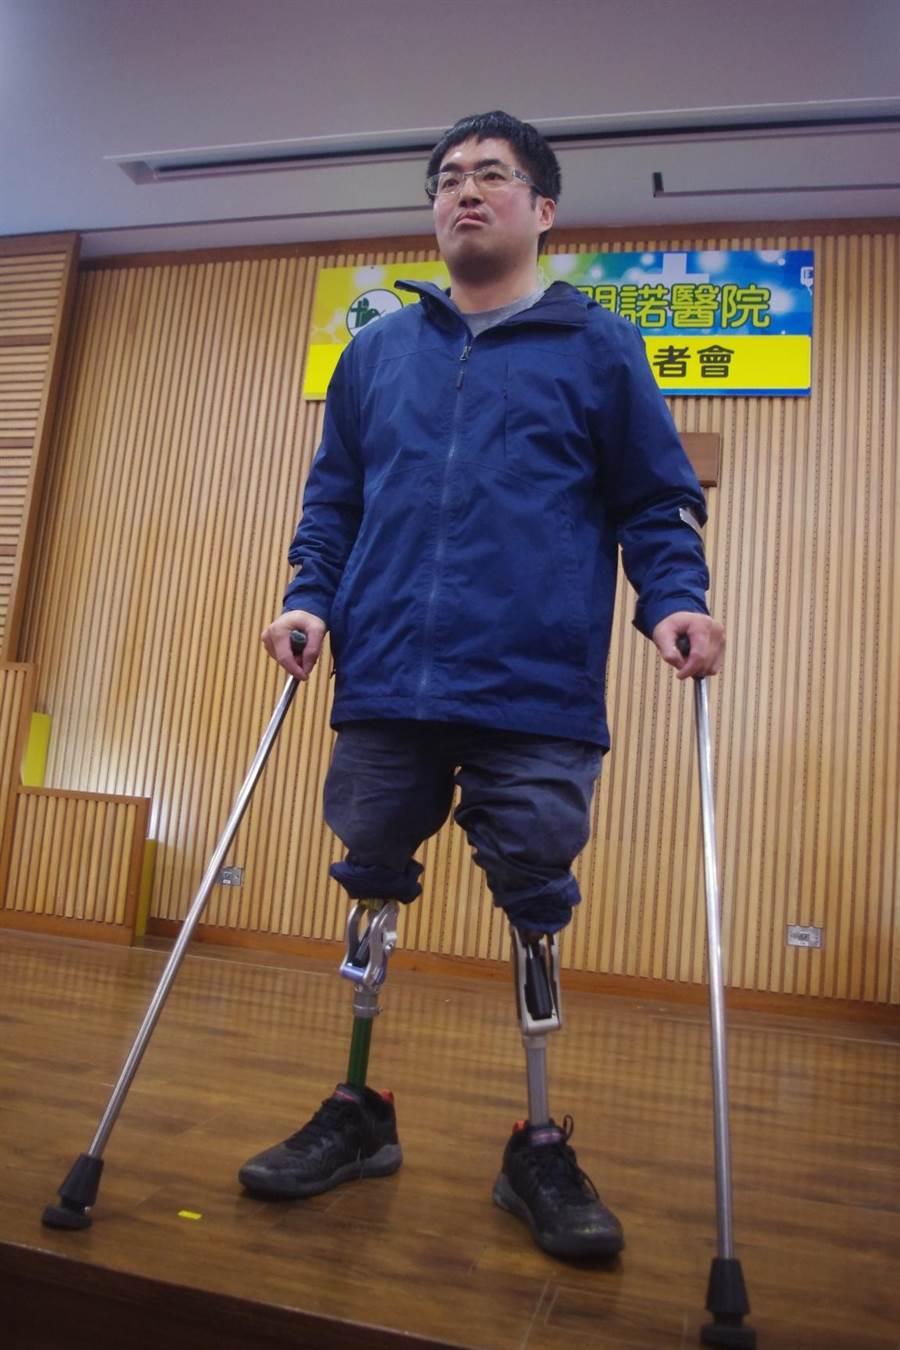 輪椅網球選手王偉軒說走路新的義肢輕便省力、外觀很帥,有點像鋼鐵人感覺。(許家寧攝)